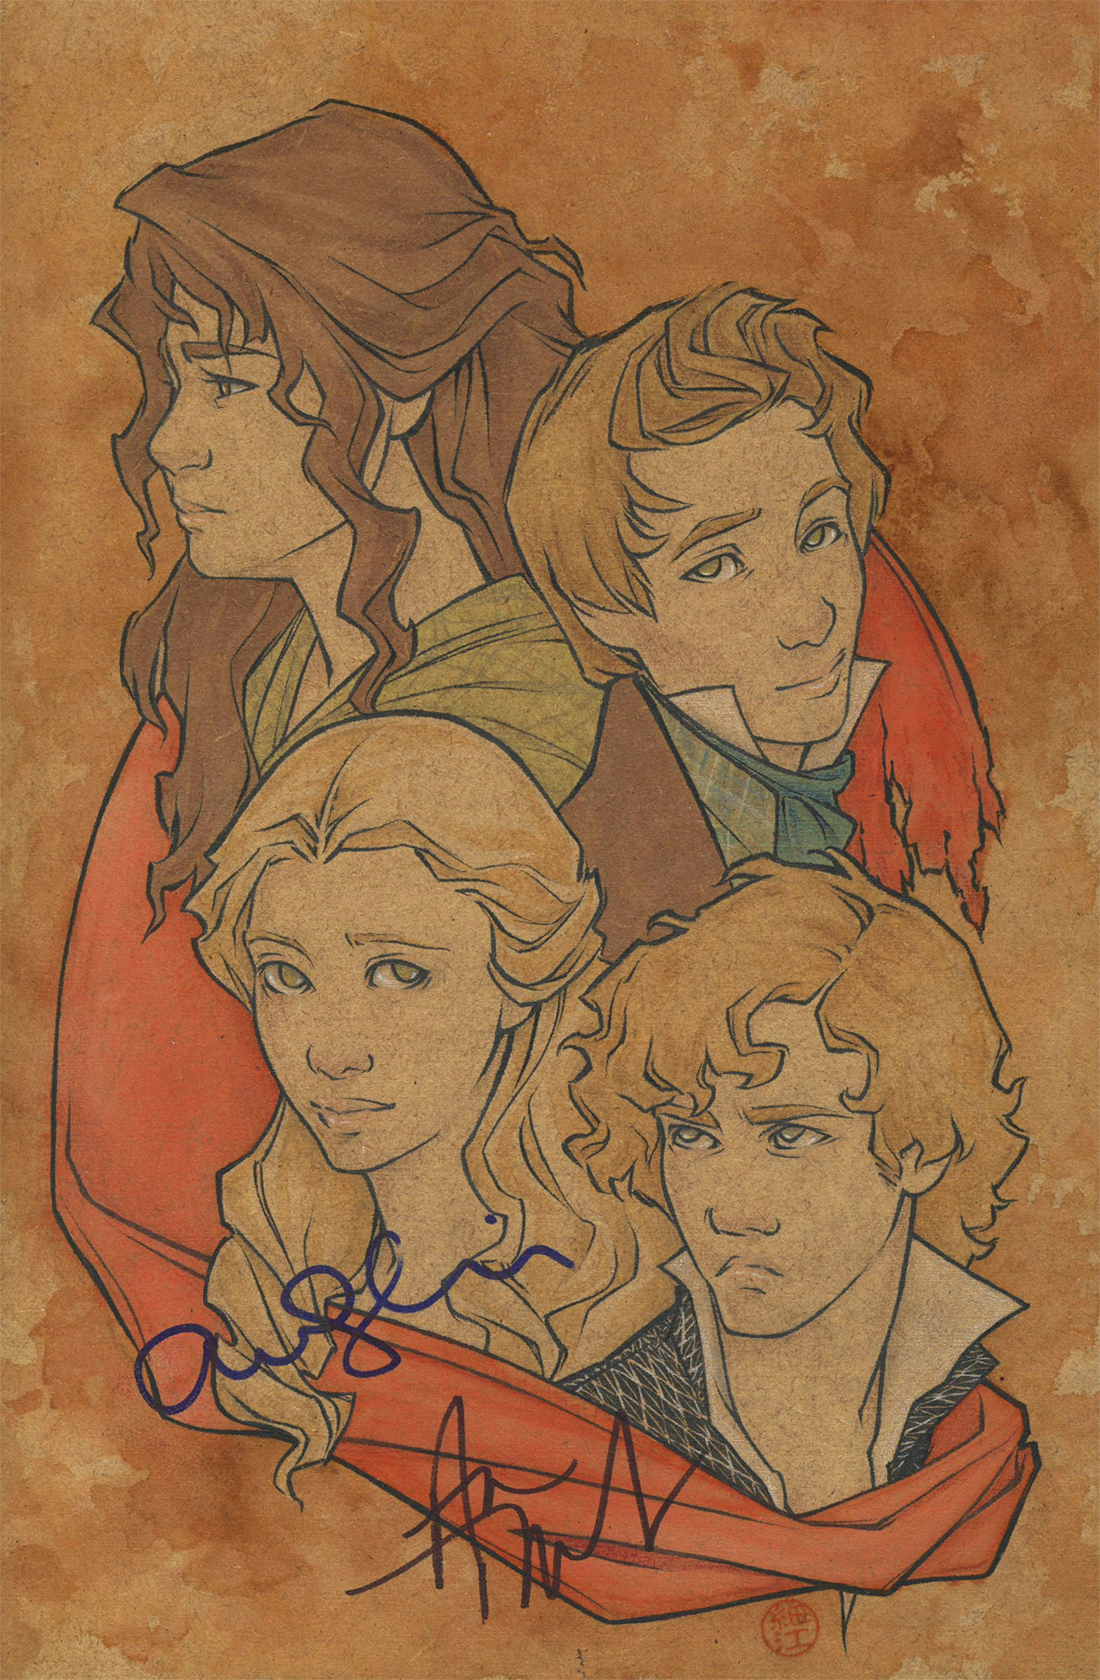 Quartet (autographed version) by cillabub